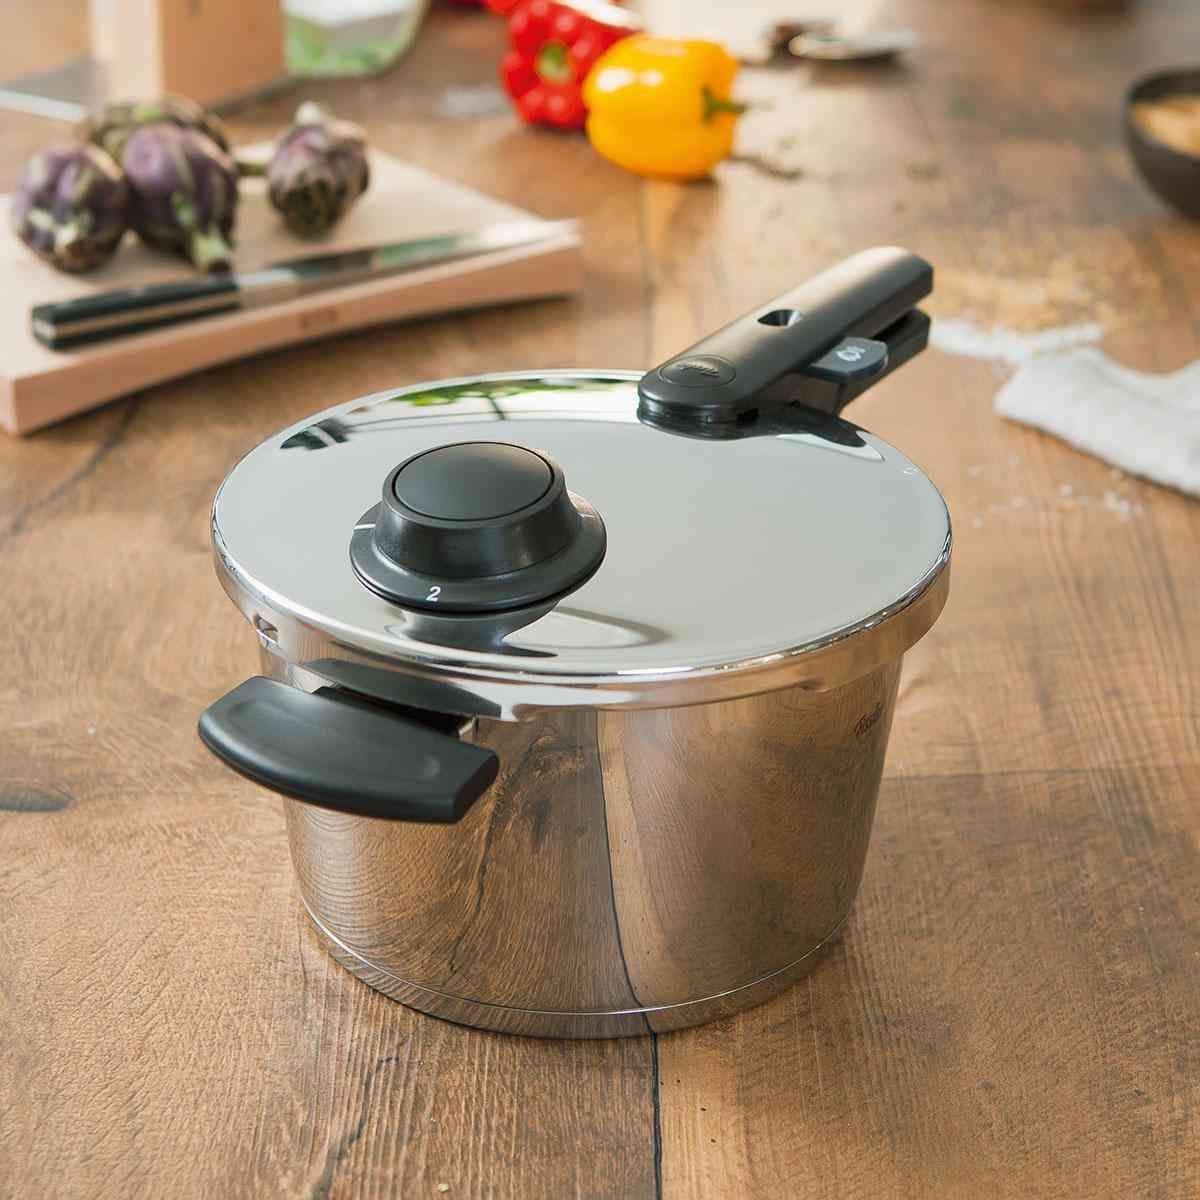 vitavit comfort pressure cooker 18 cm / 2,5 ltr. without insert